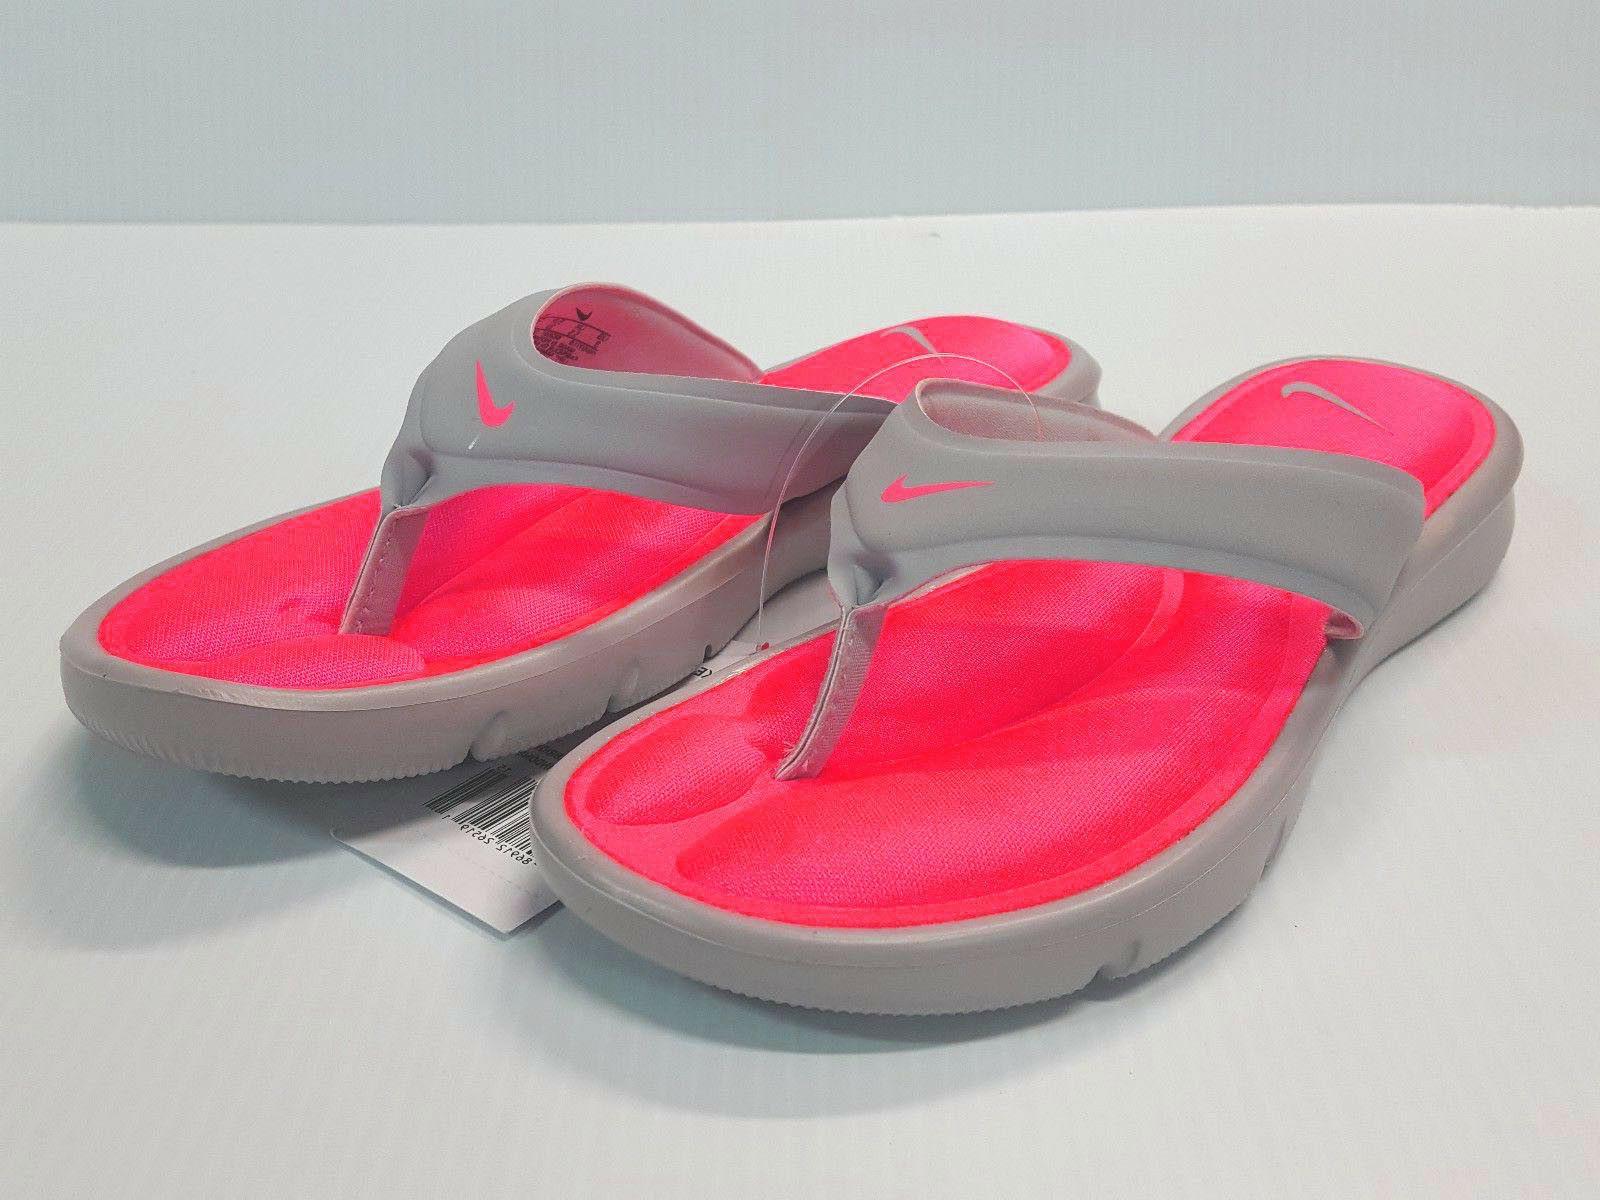 Nike Ultra Thong Flip-Flops Size 6,7,8,9,10